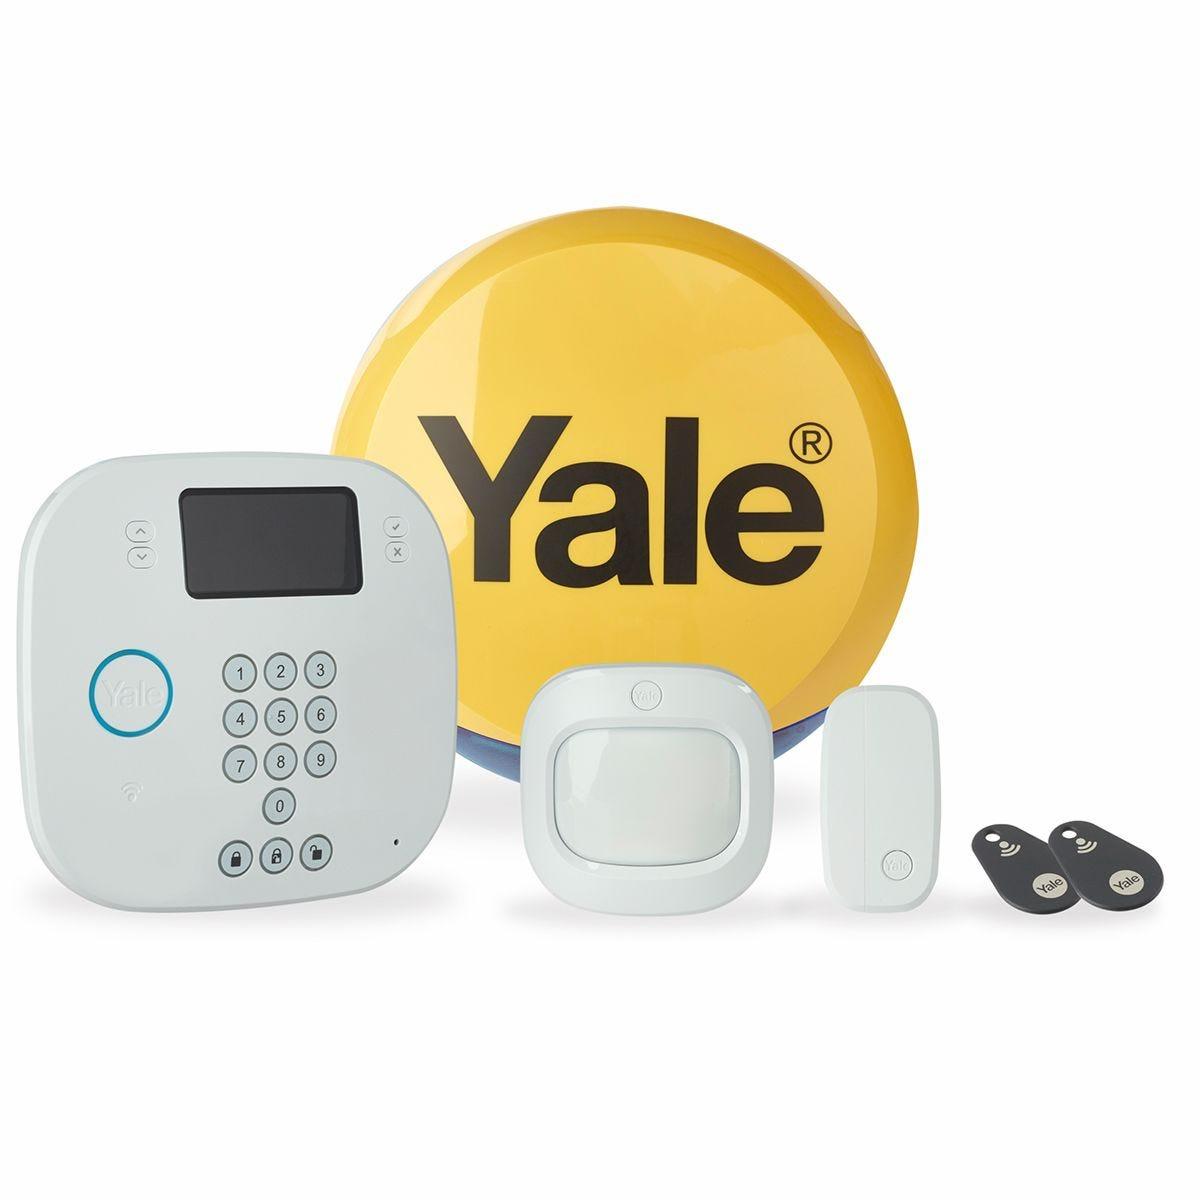 Yale Intruder Alert Starter Alarm Kit